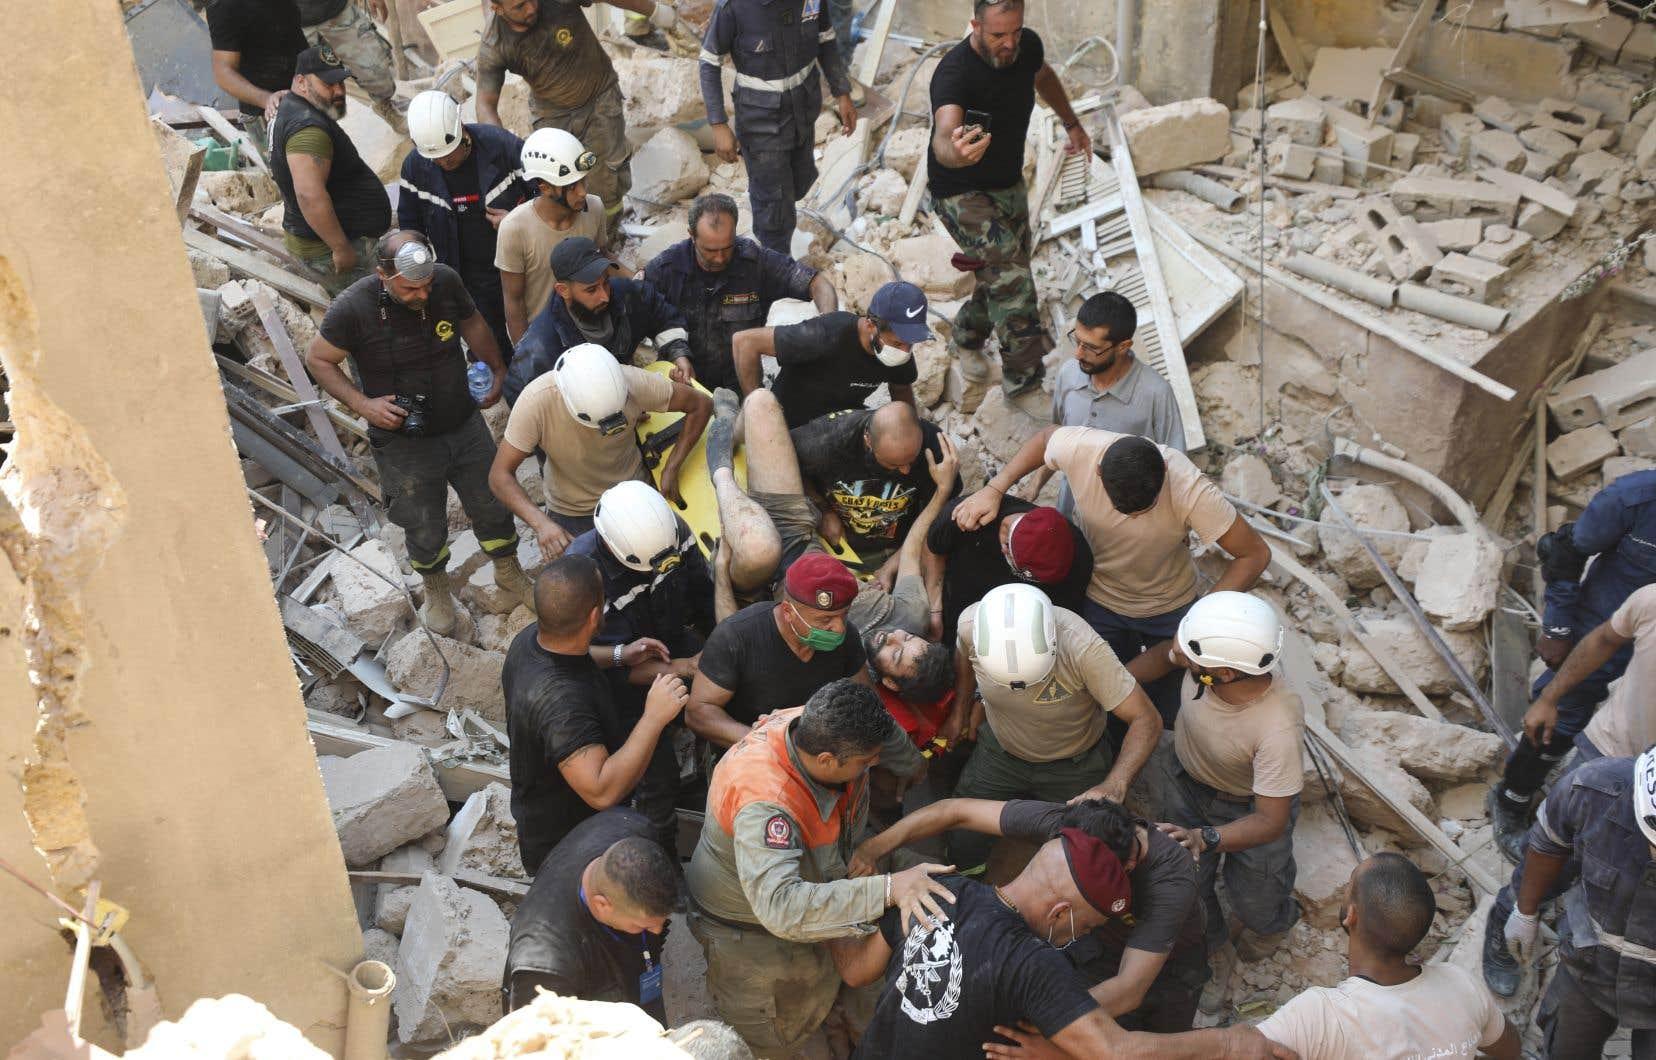 Les recherches pour trouver des survivants sous les décombres se poursuivaient mercredi.